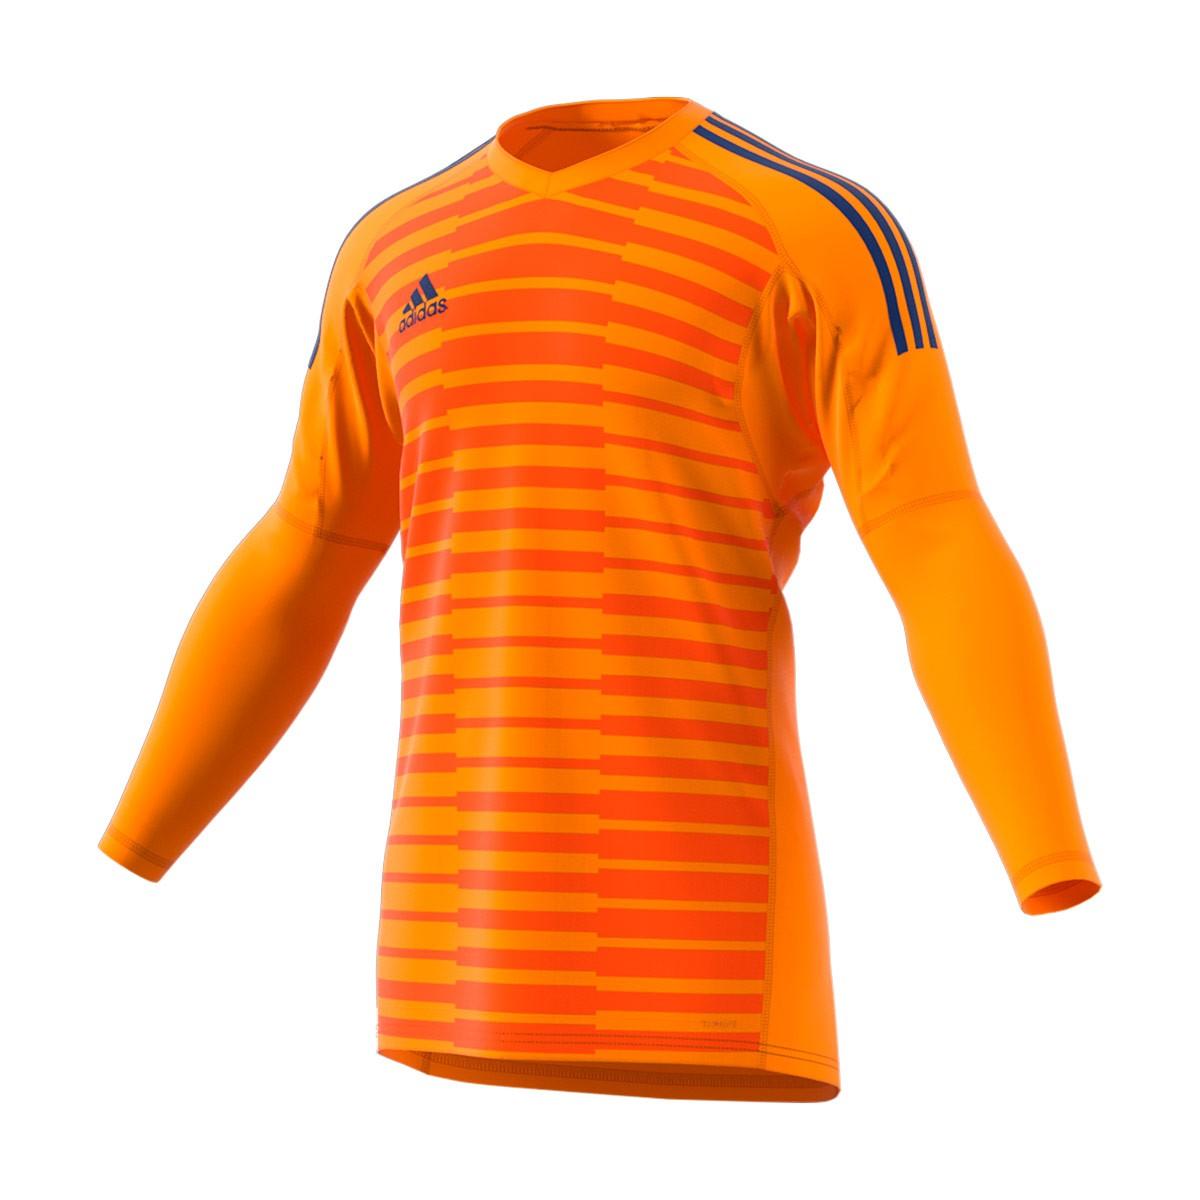 Jersey adidas AdiPro 18 Goalkeeper Longsleeve Orange-Unity ink ...